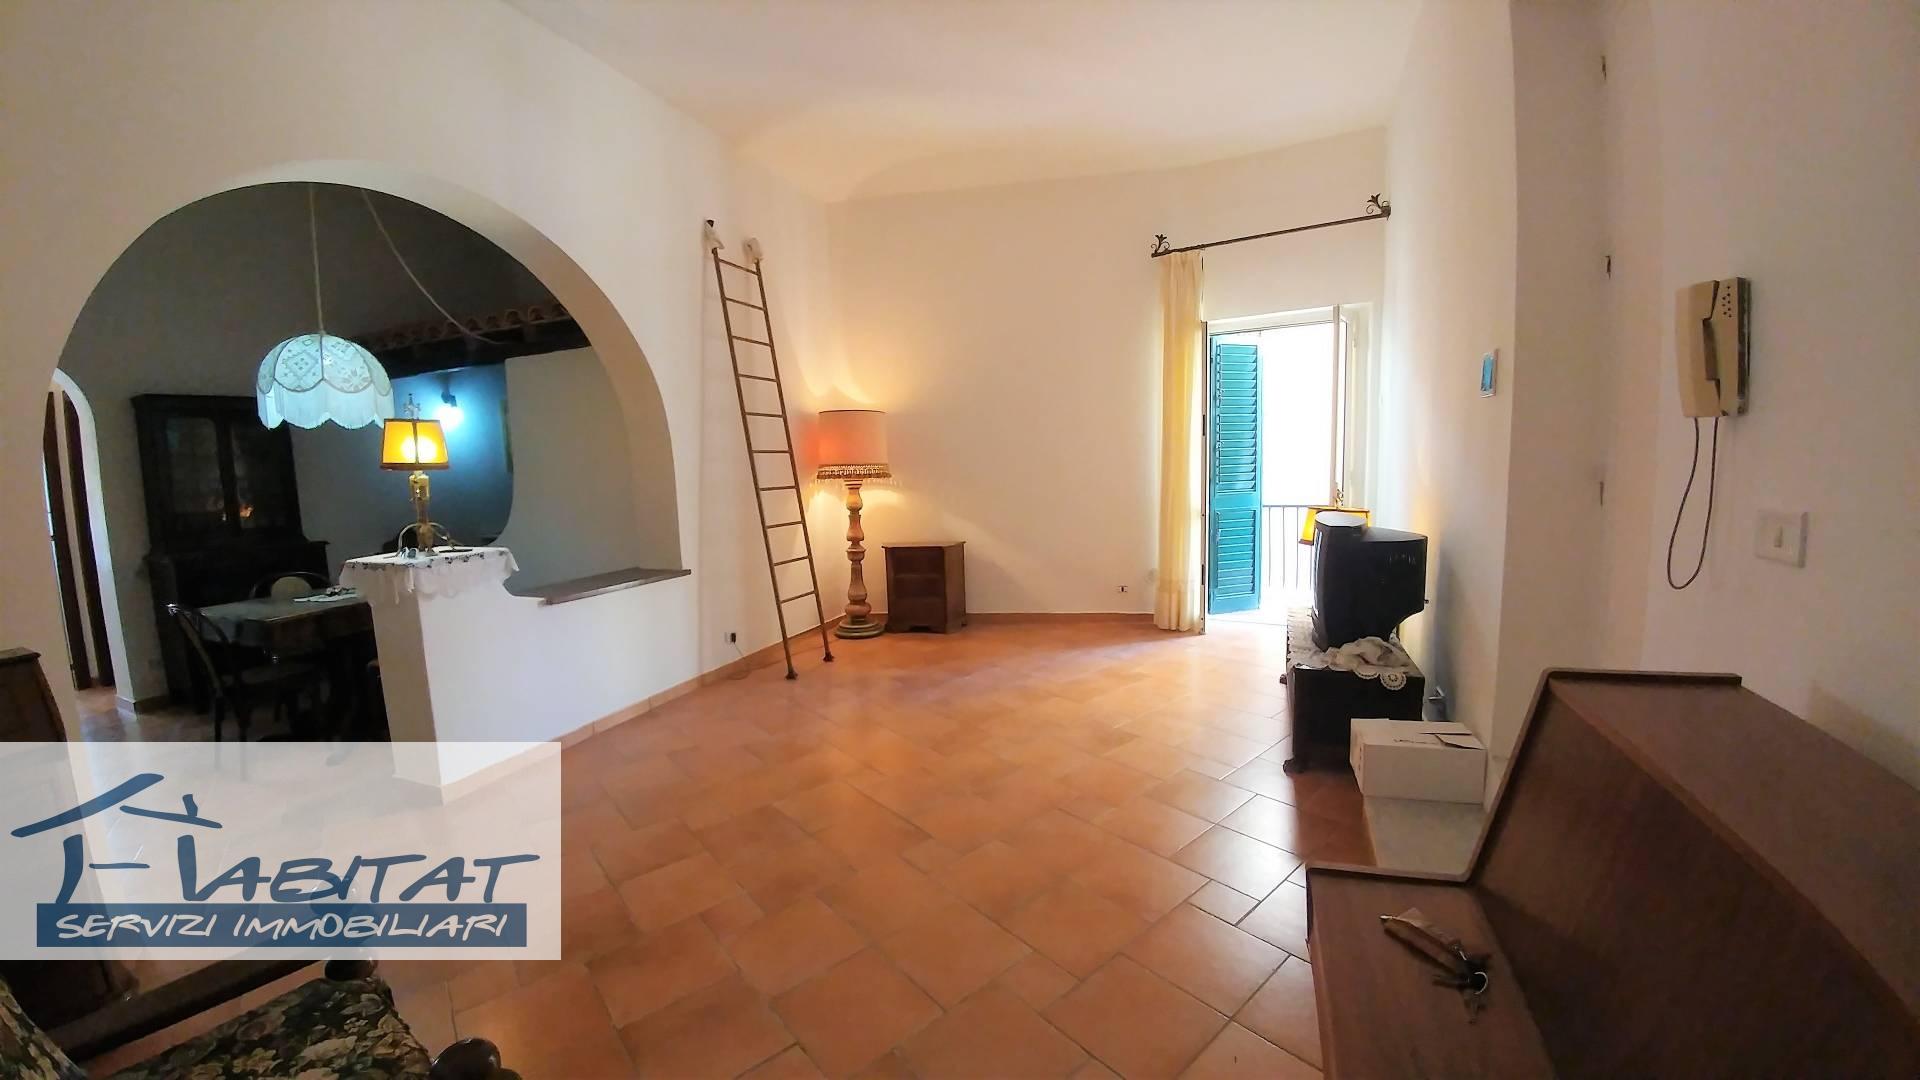 Appartamento in vendita a Agrigento, 5 locali, zona Località: Centrostorico, prezzo € 75.000 | CambioCasa.it